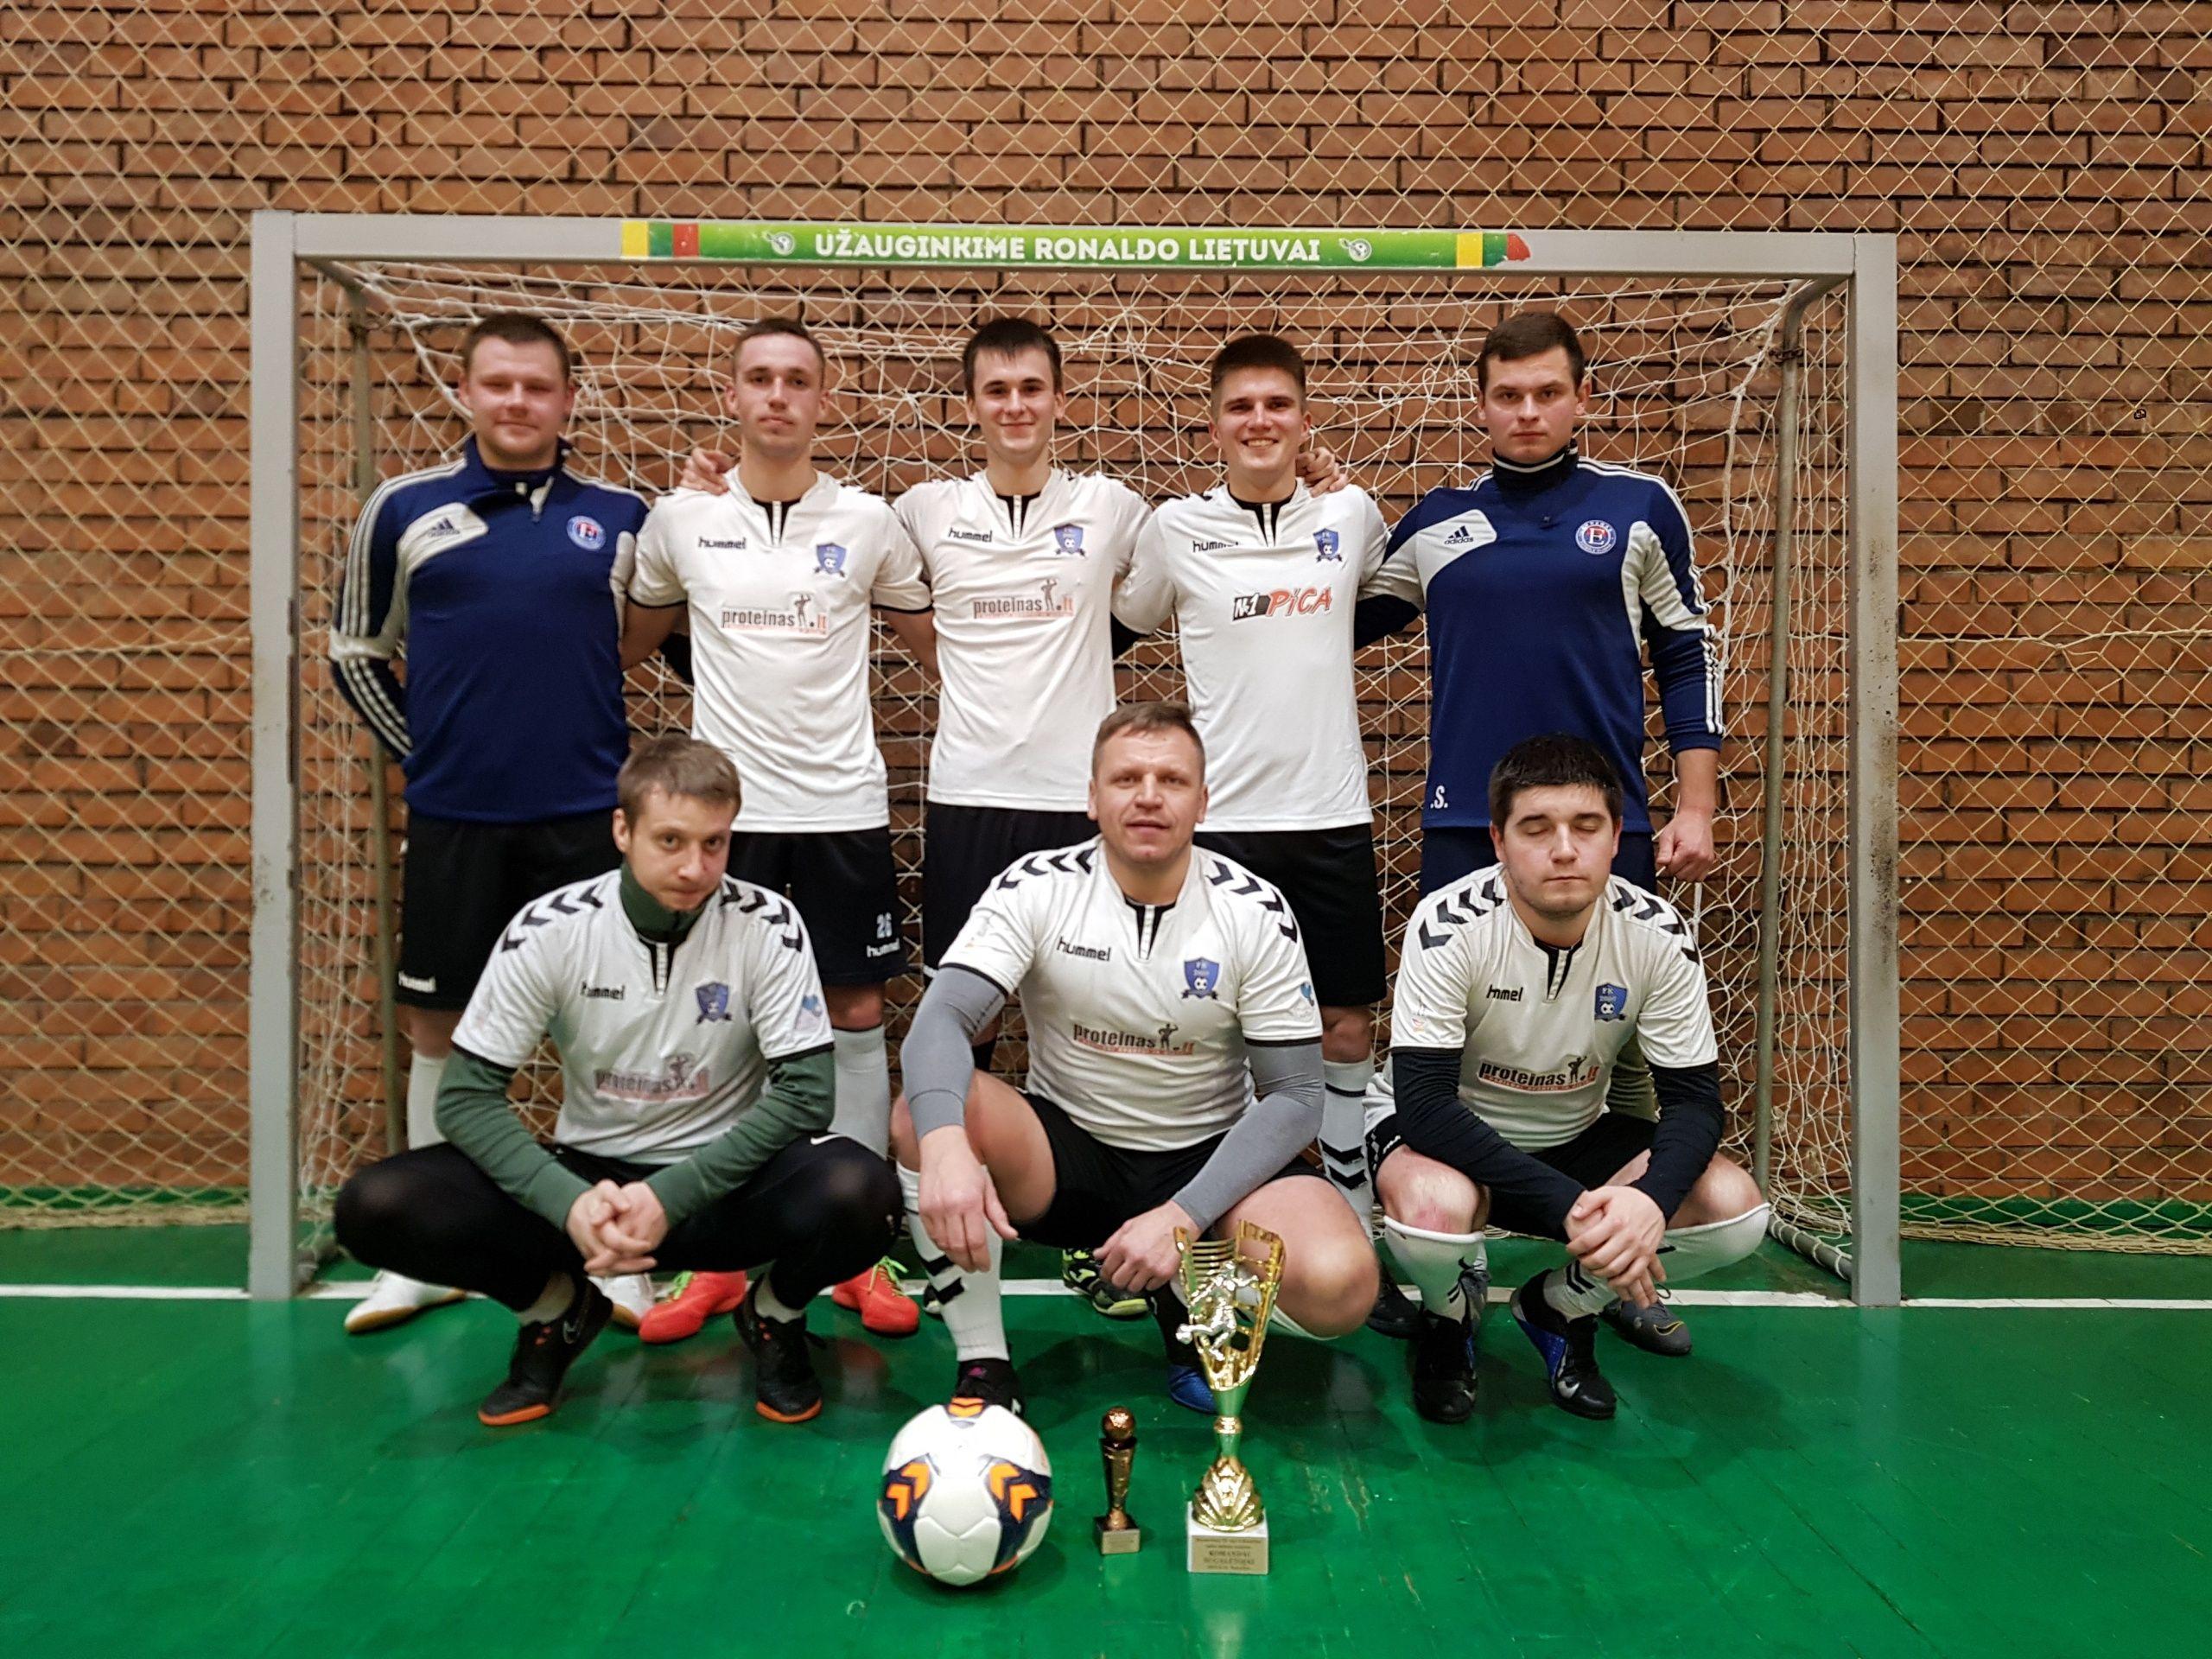 Šeštadienį finišavo 36-asis A.Kunčinos salės futbolo turnyras.